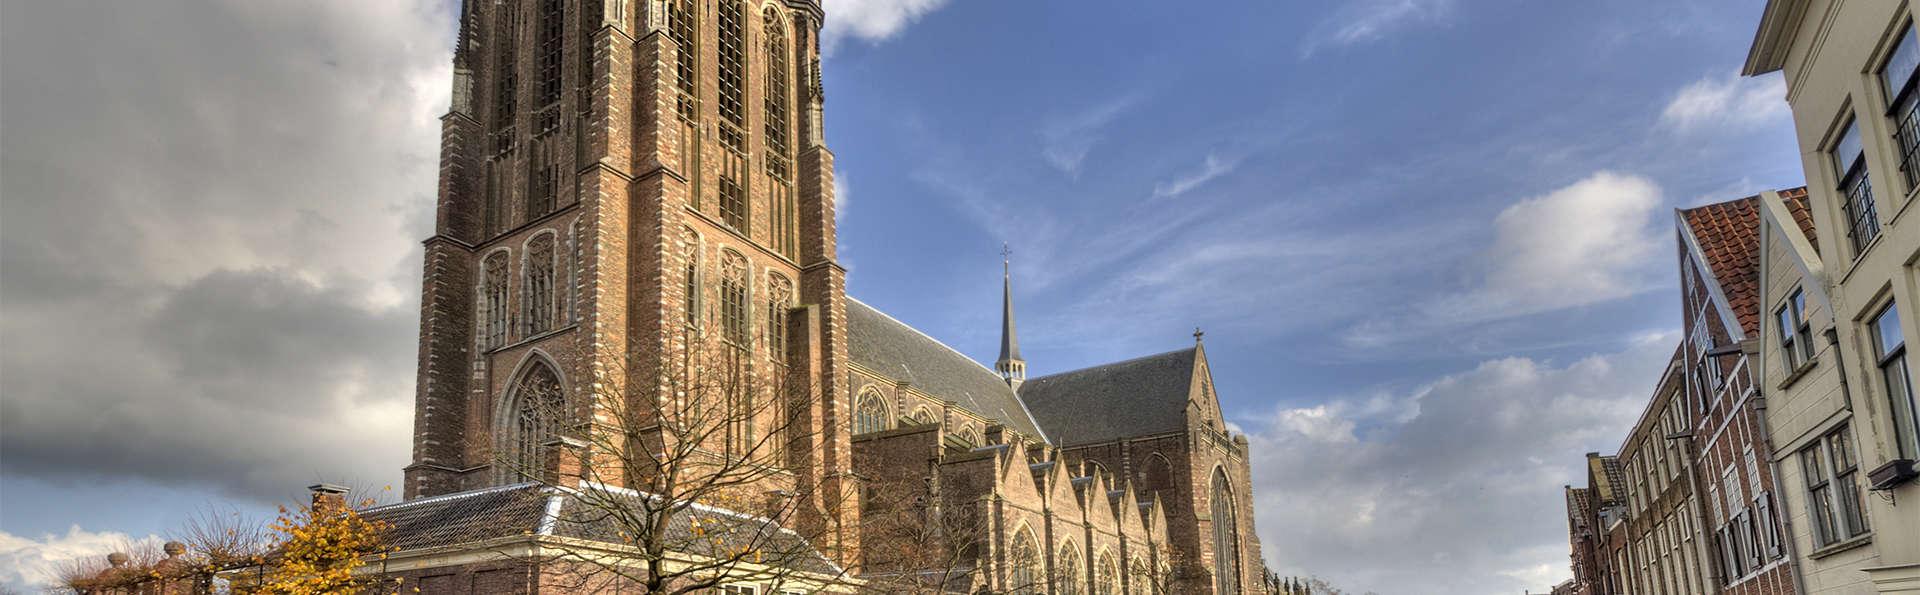 Week-end de charme à Dordrecht